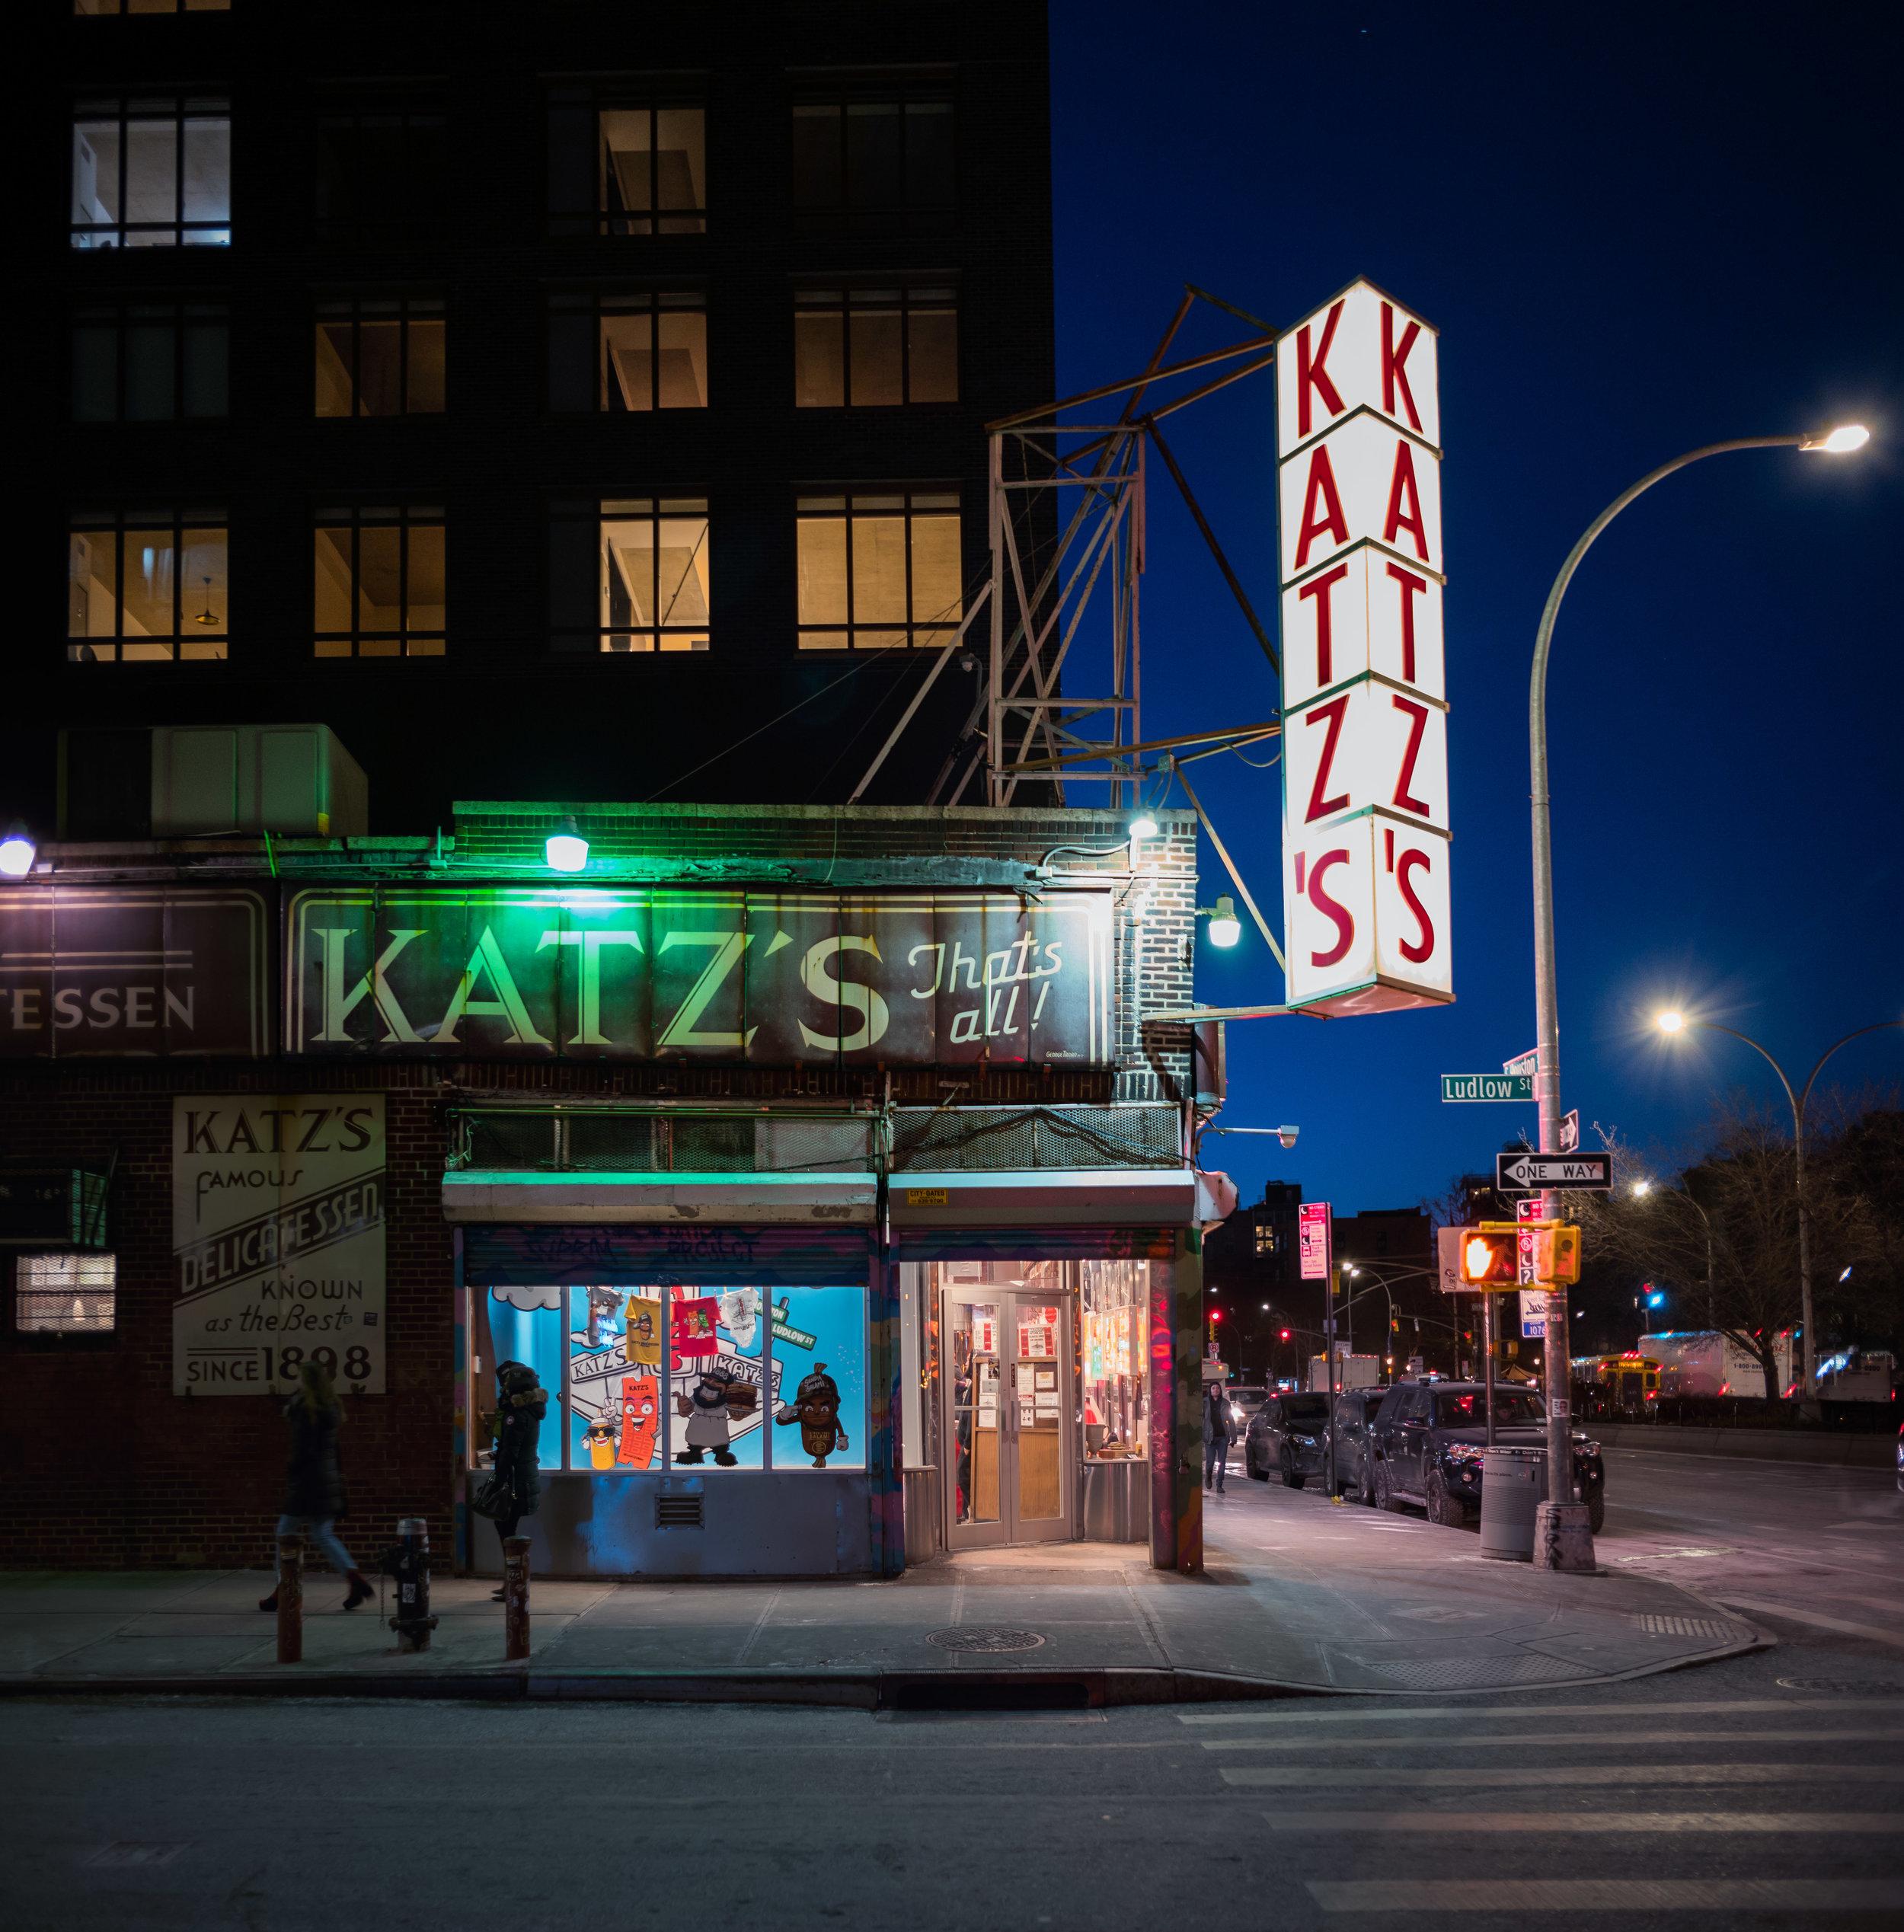 Nova York, Inverno de 2019 - Veja as fotos aqui!